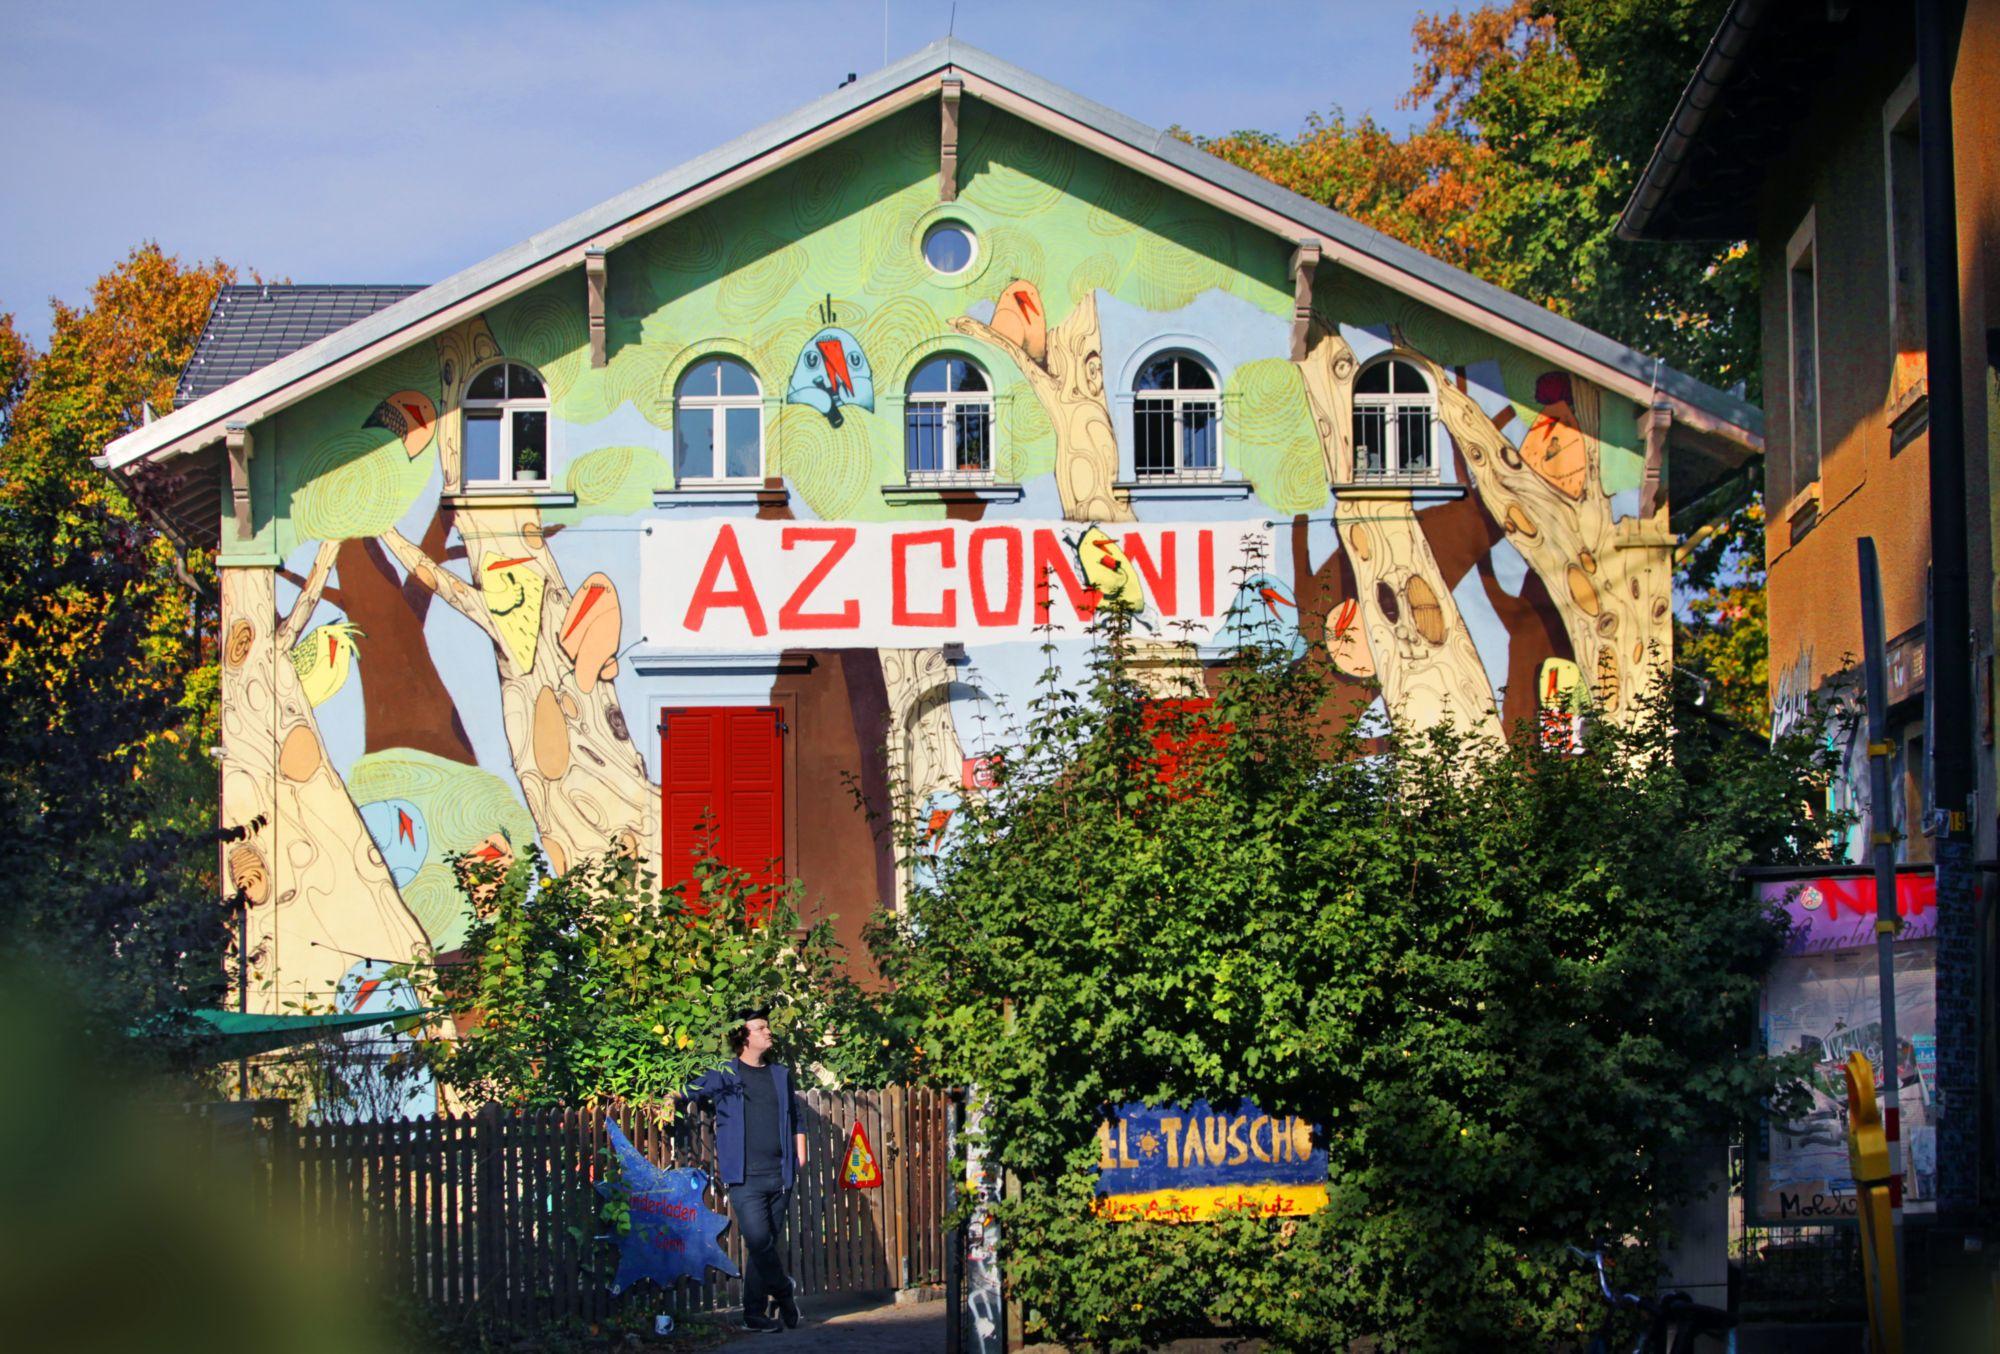 AZ Conni am Königsbrücker Platz - Foto: Amac Garbe